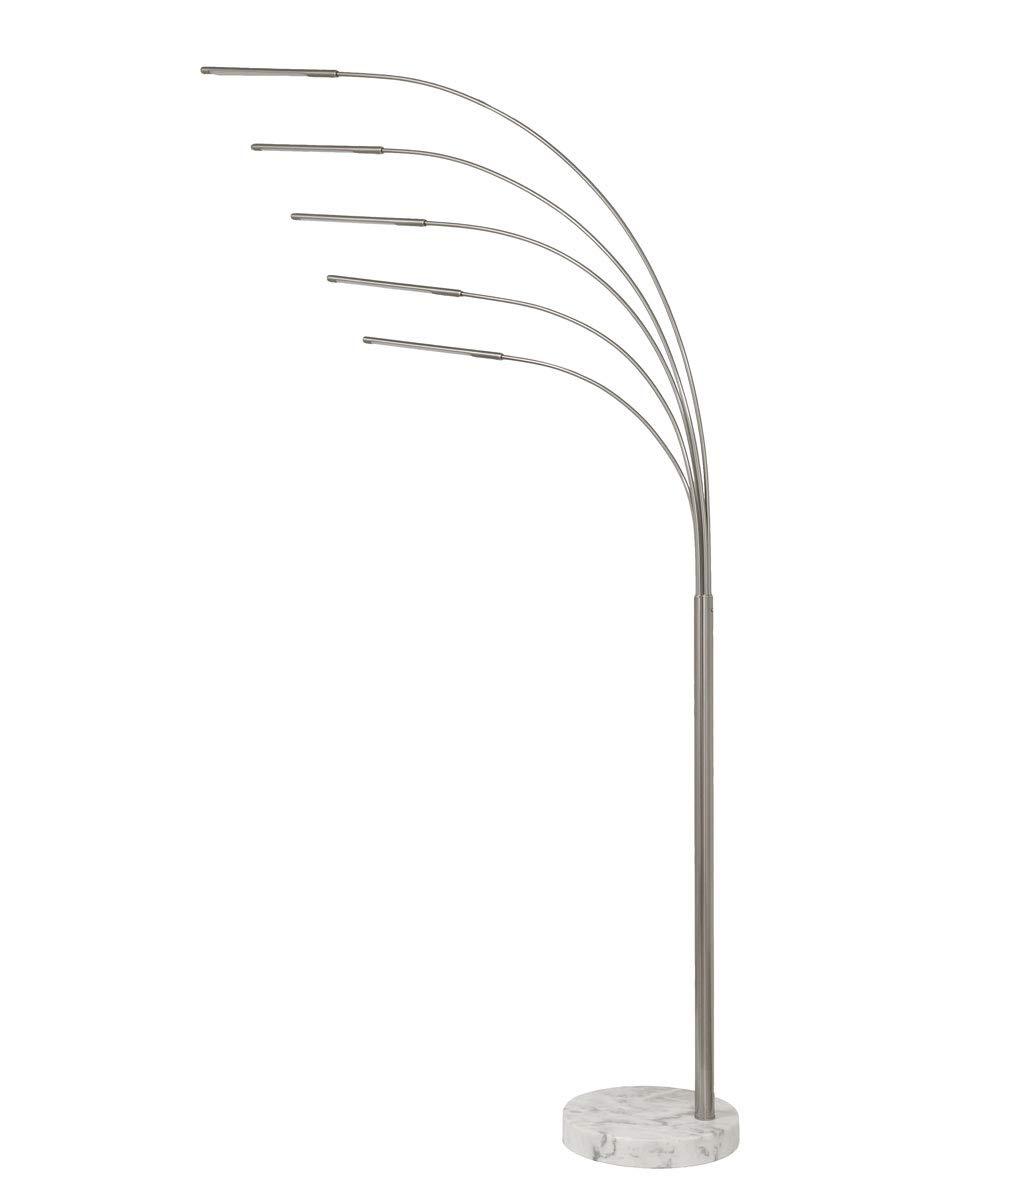 Bogenleuchte Bogenlampe Five Fingers LED 15 W nickel matt weißer Marmorfuß 10649